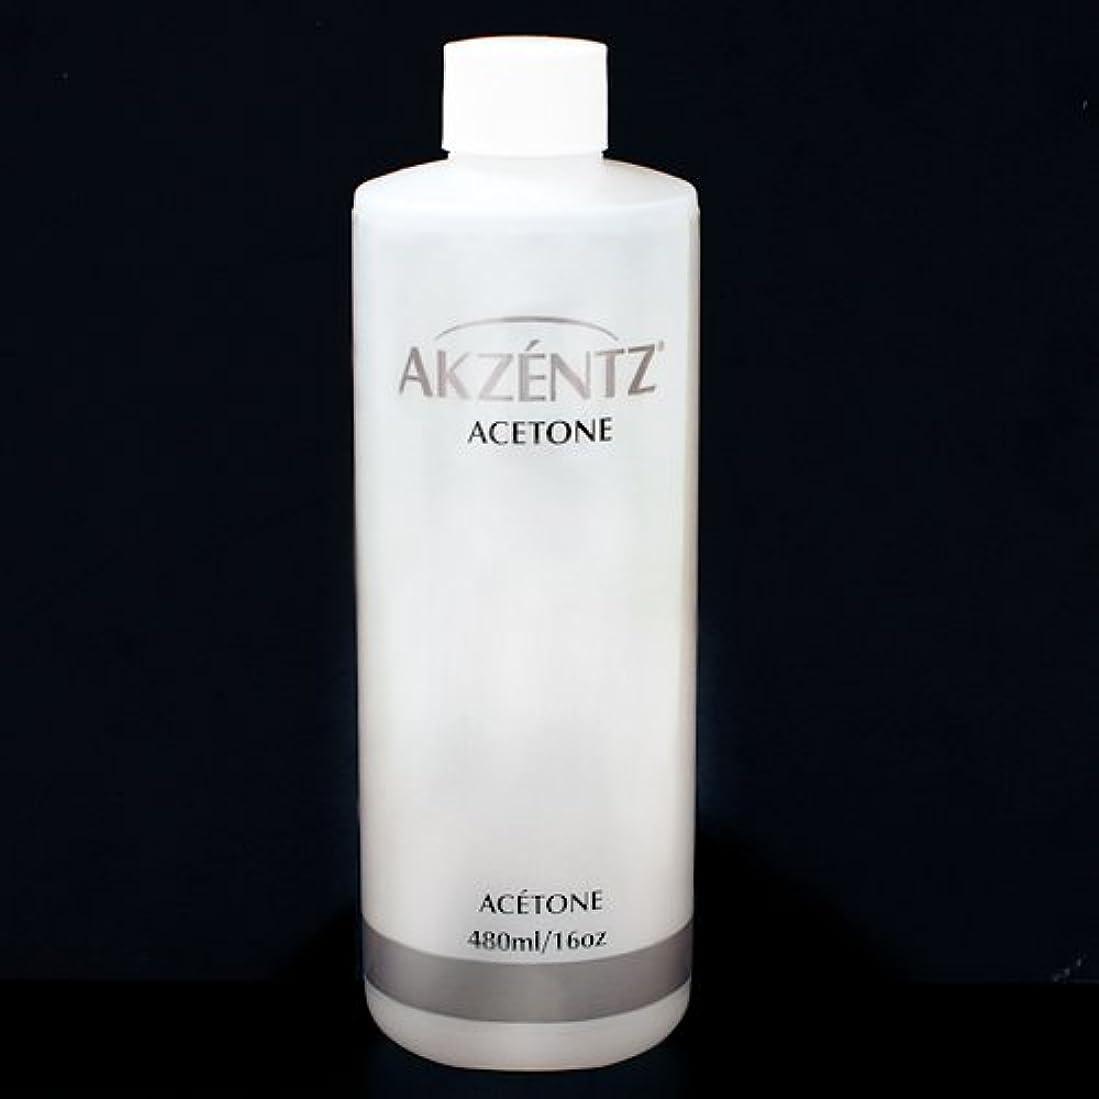 パシフィック持続的壁紙アクセンツ(AKZENTZ) ネイルリムーバー (アセトン) 480ml